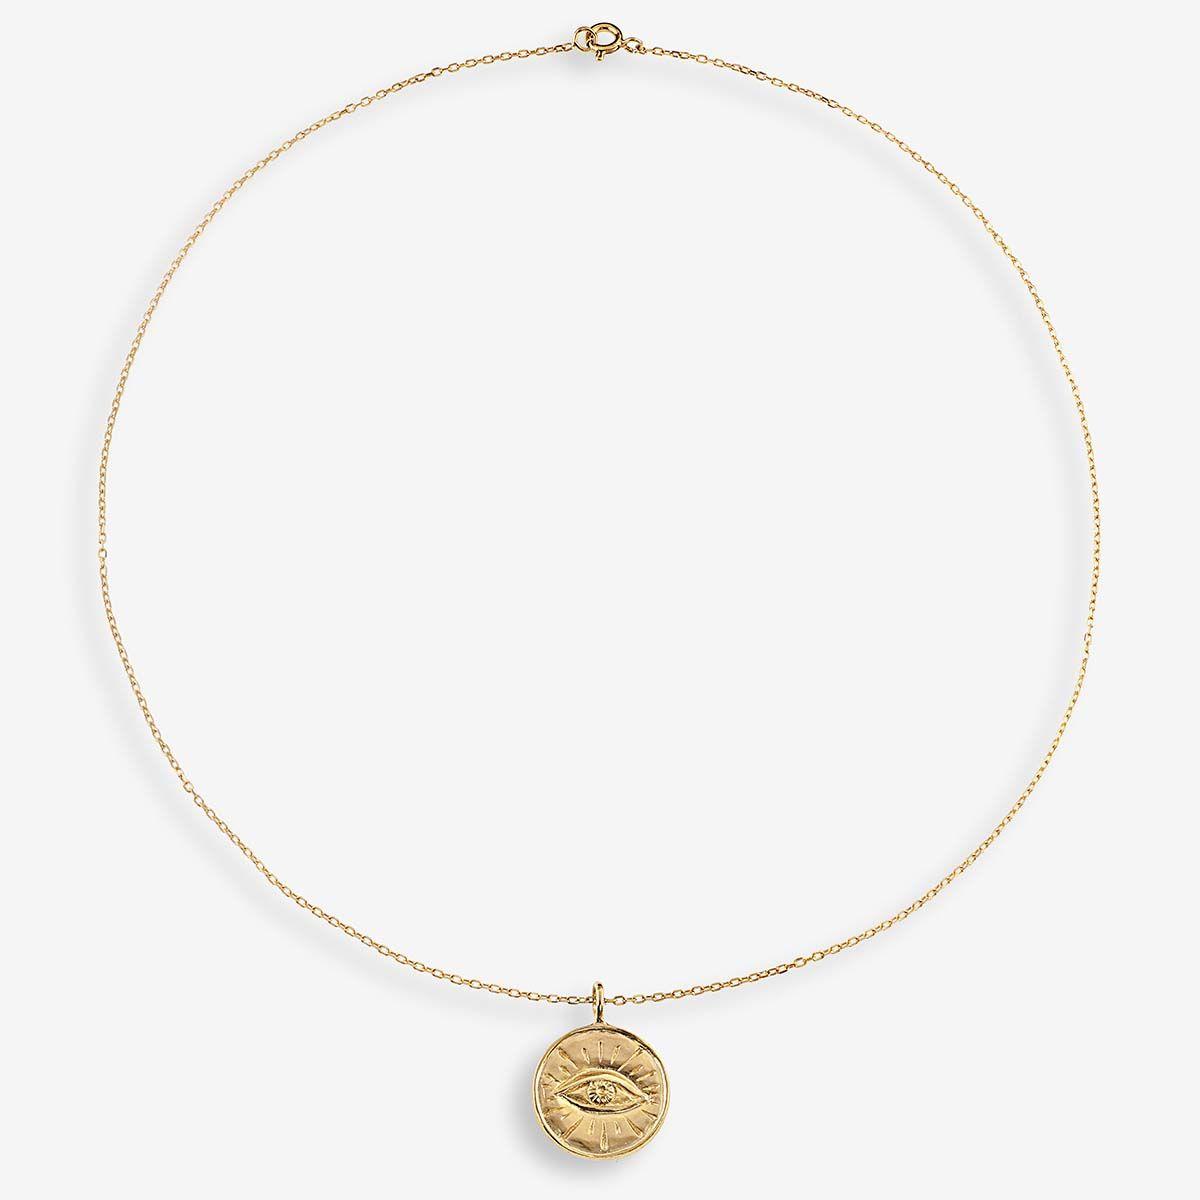 Joseph - Halsketten - 24k vergoldet